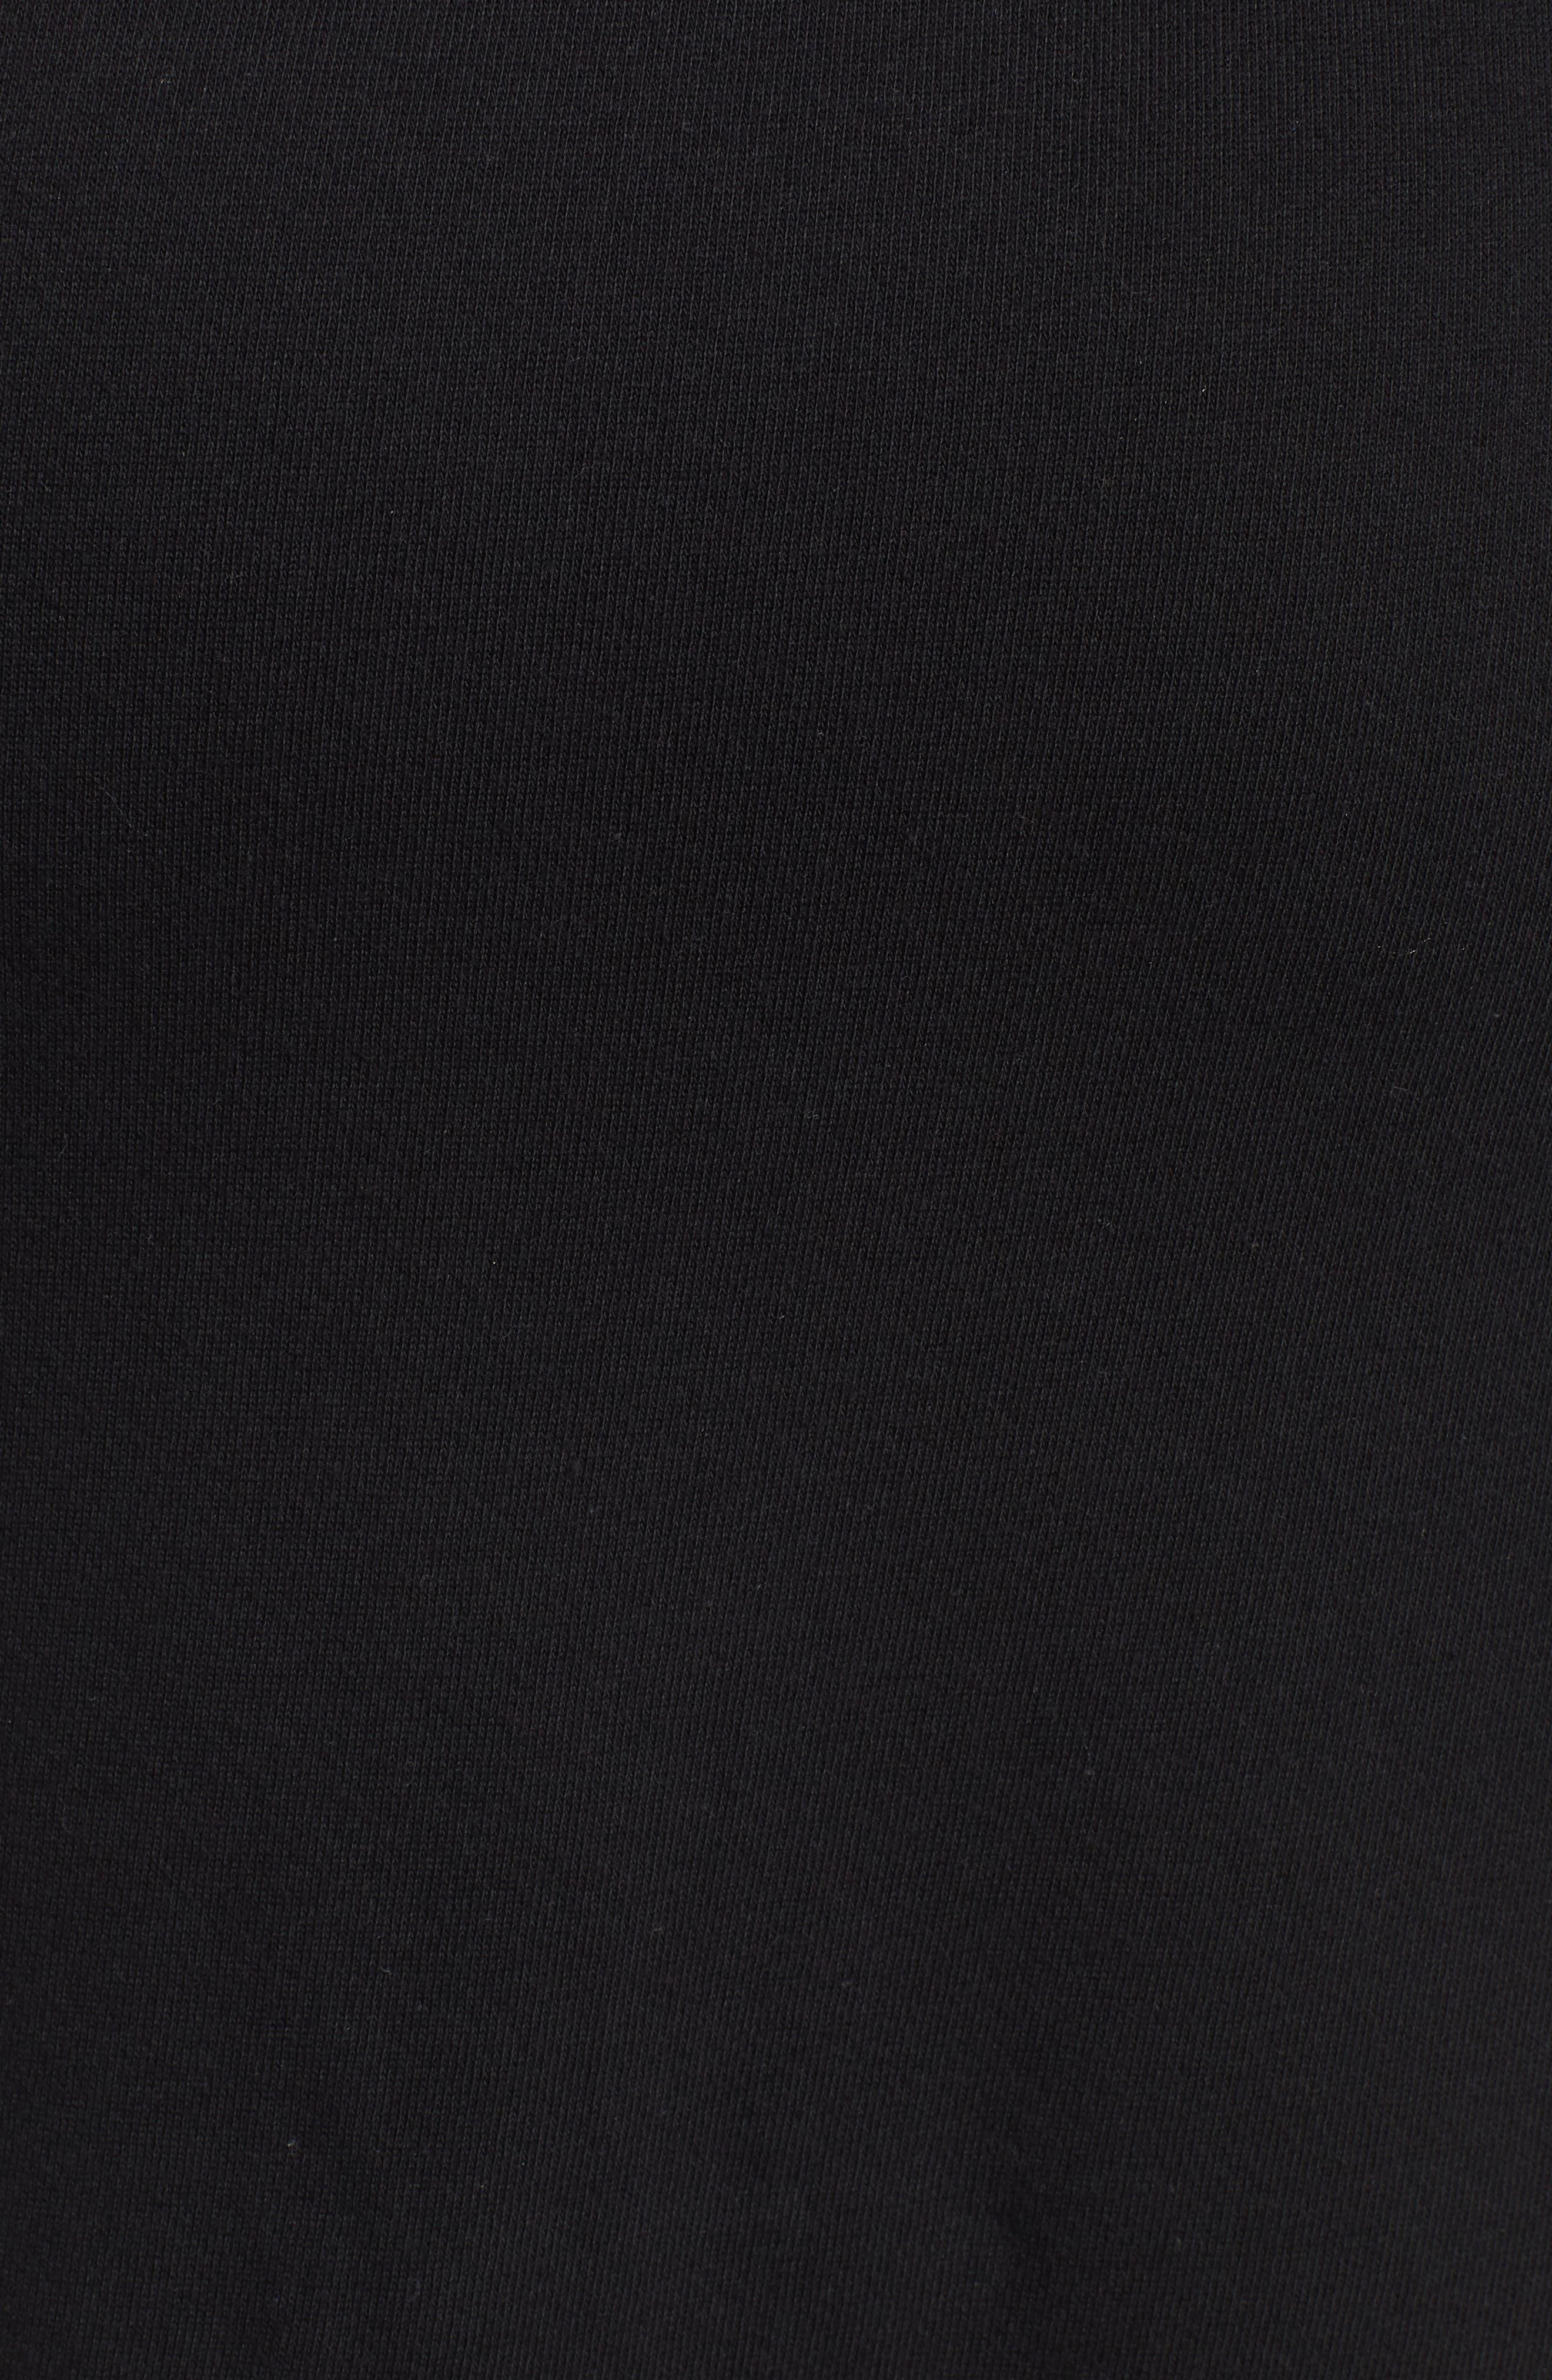 Off-Duty Drawstring Skirt,                             Alternate thumbnail 5, color,                             Black